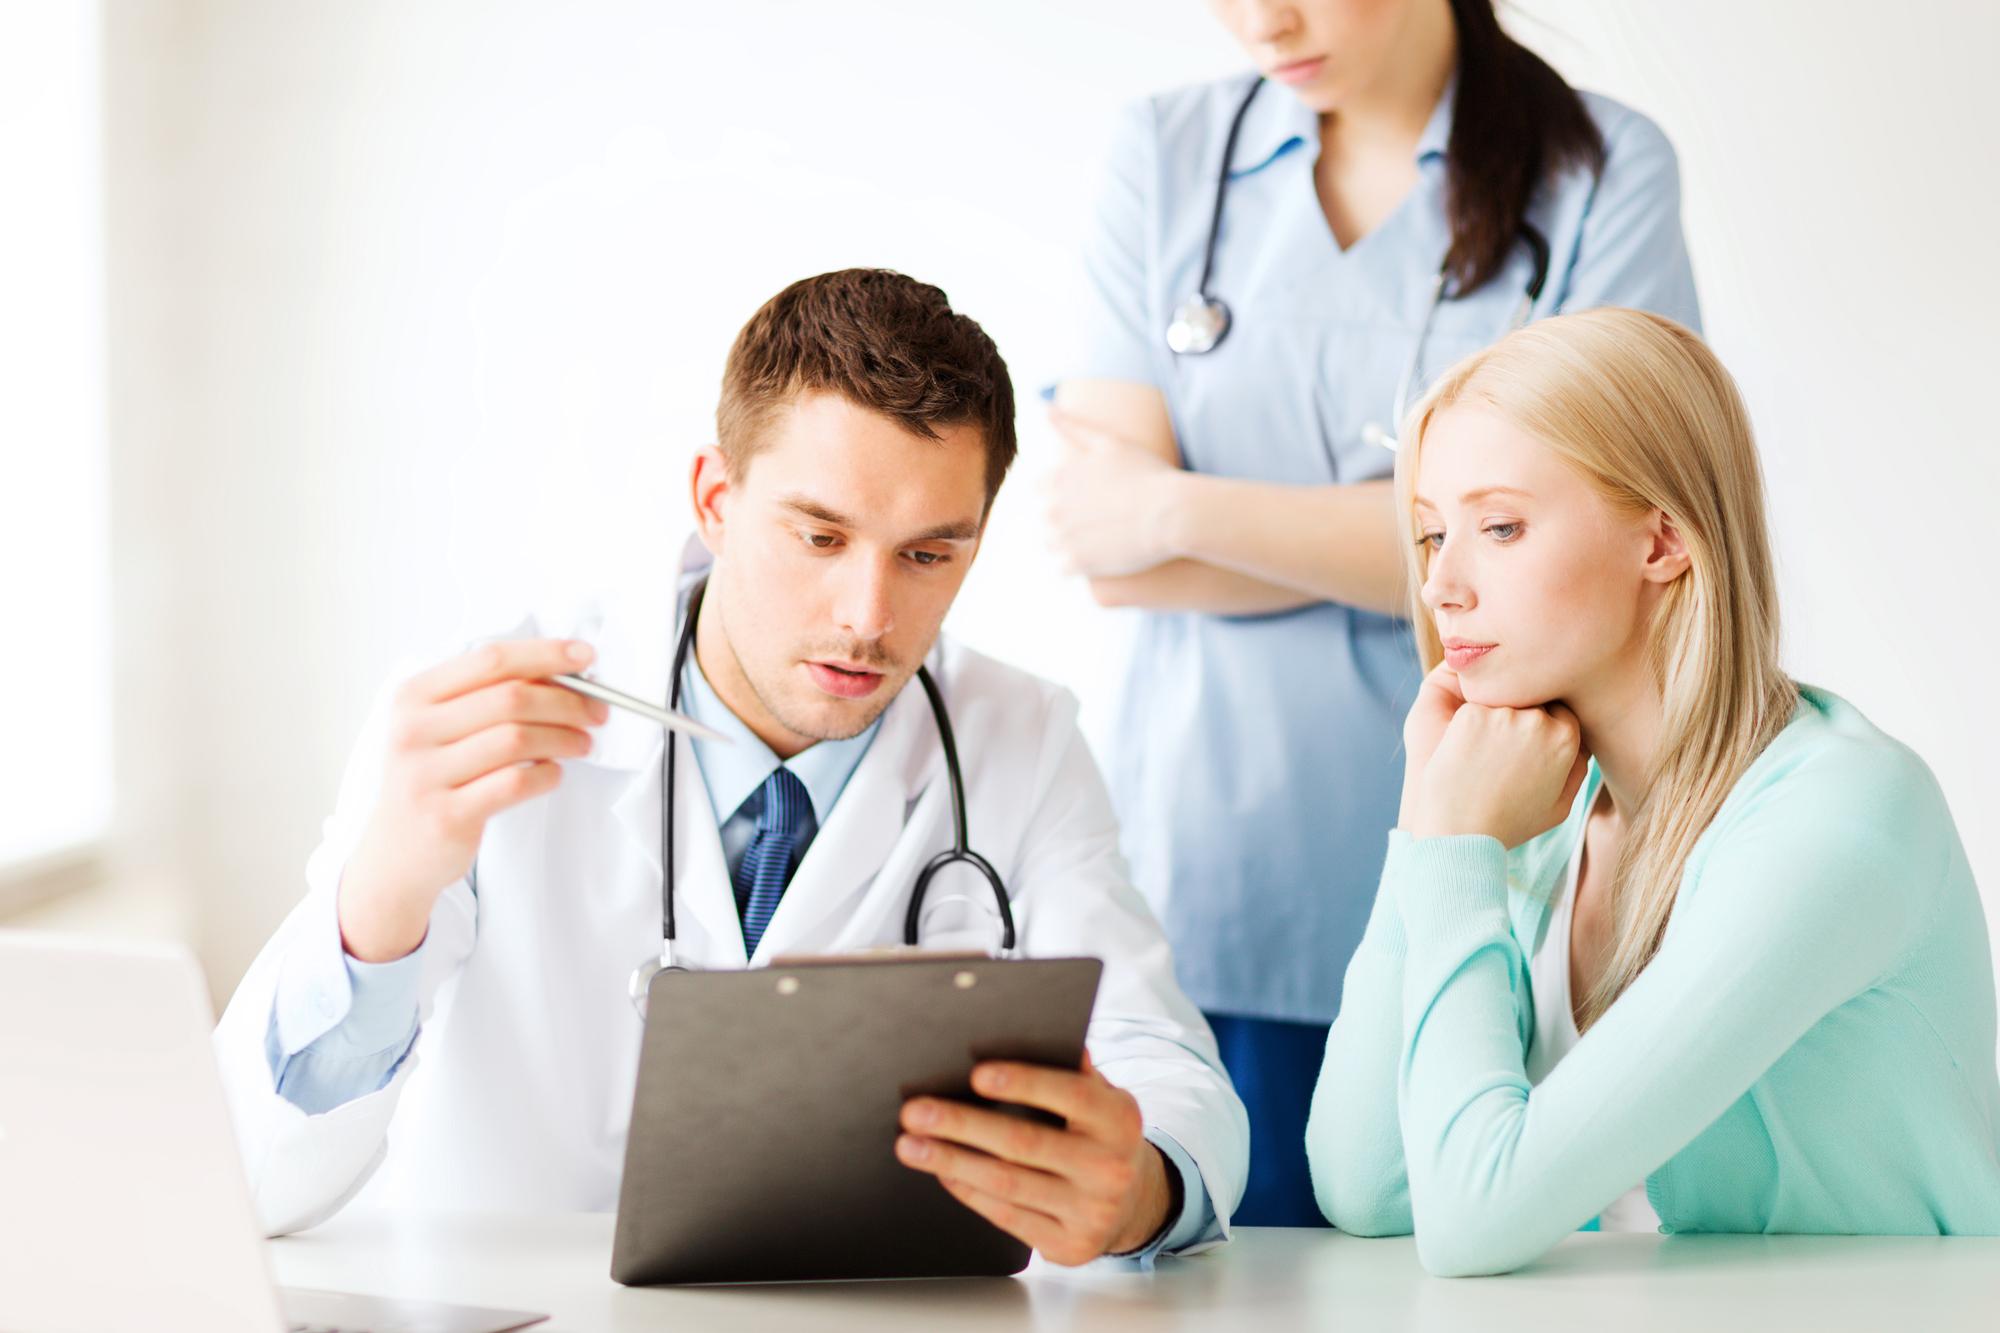 Гинеколог назвала факторы риска развития рака шейки матки